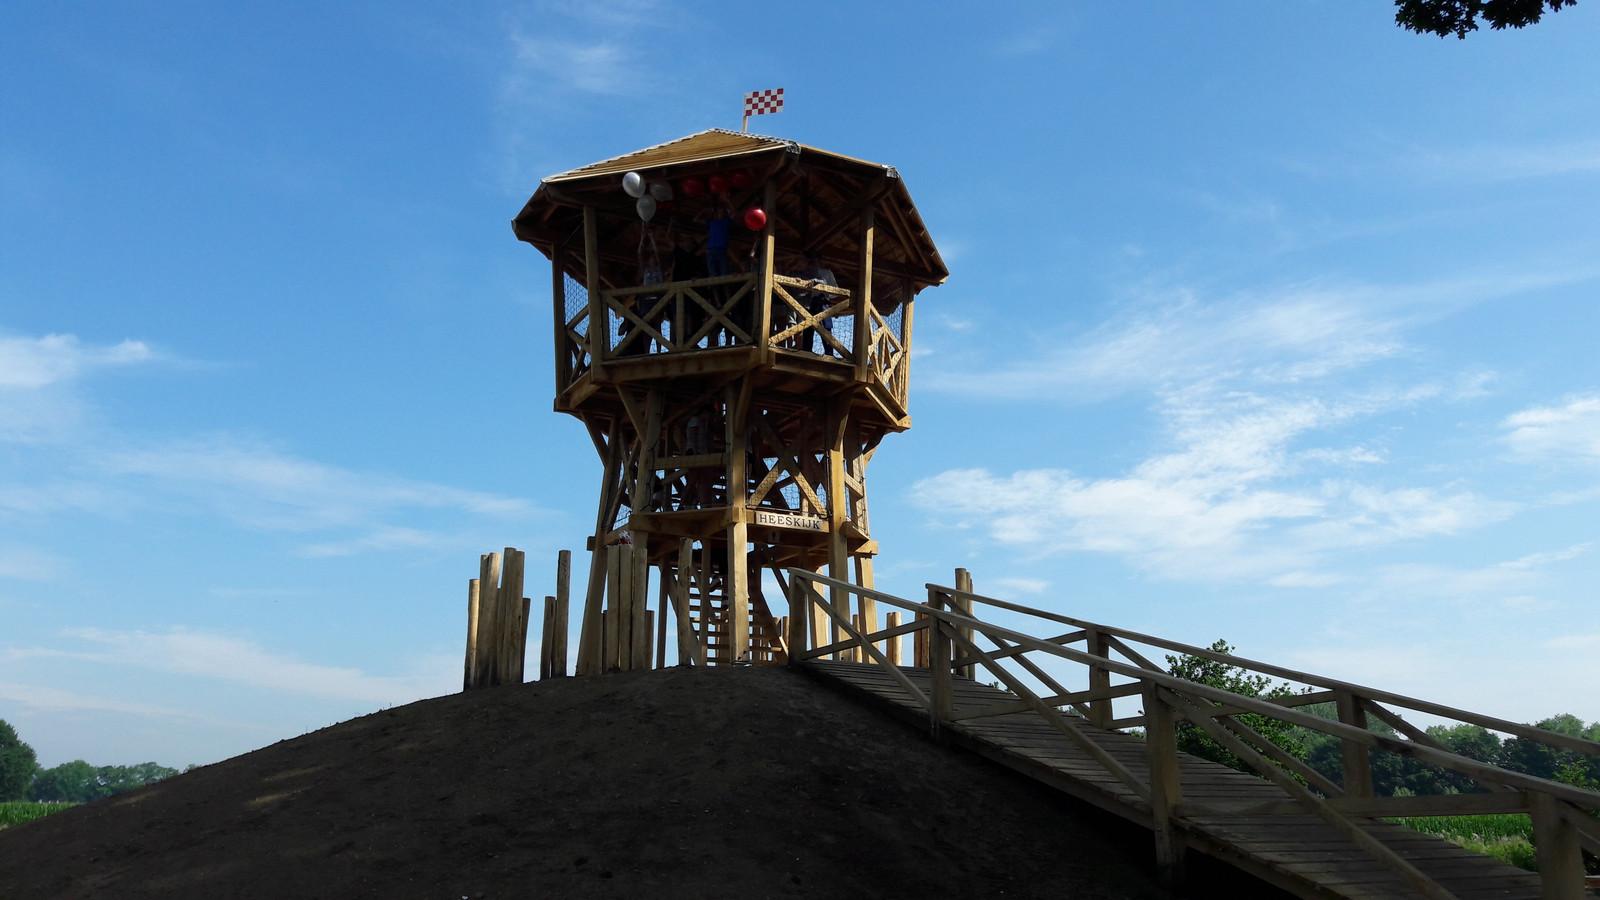 De uitkijktoren langs de N279 is maandag geopen door Tjeu Wijgergangs uit Heeswijk-Dinther en gedeputeerde Christophe van der Maat.